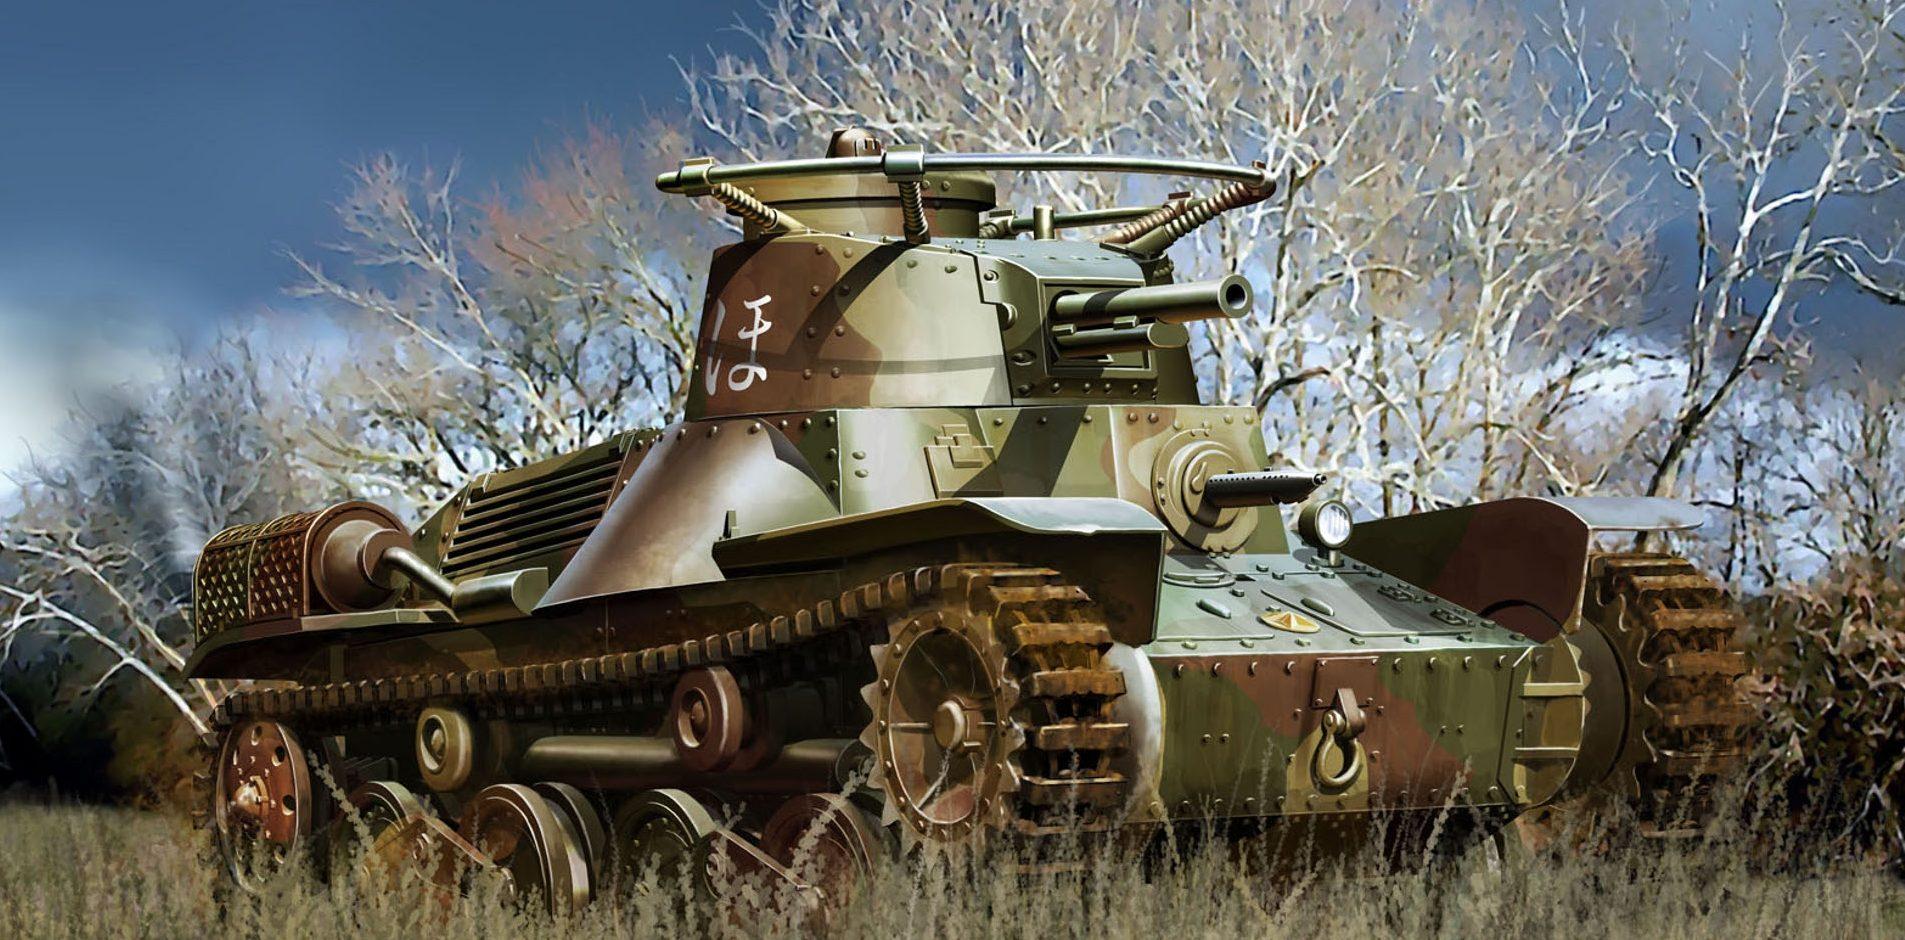 Auletta Vincenzo. Легкий танк Type 4 Ke-Nu.